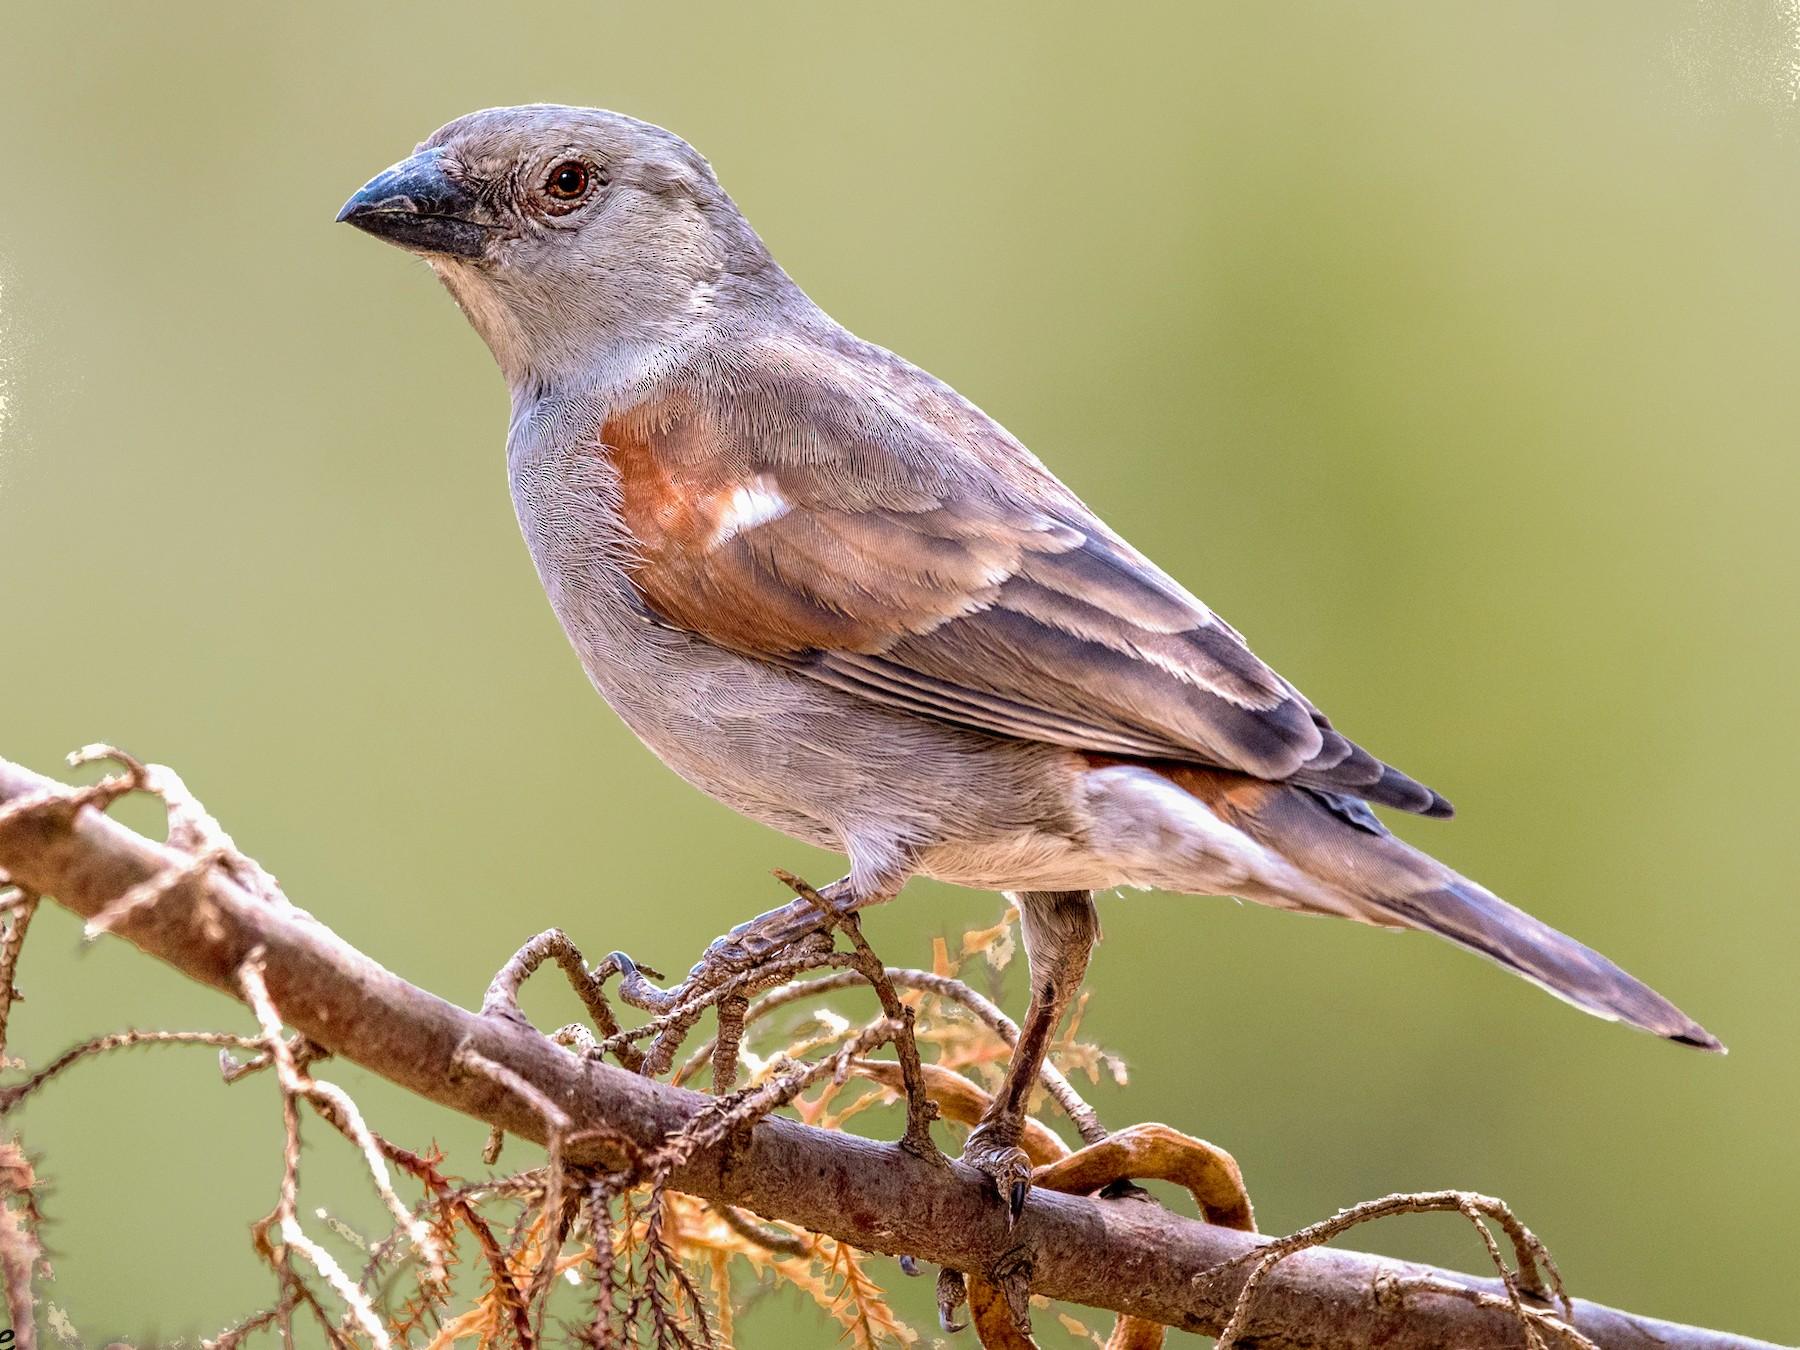 Parrot-billed Sparrow - Michel Bourque